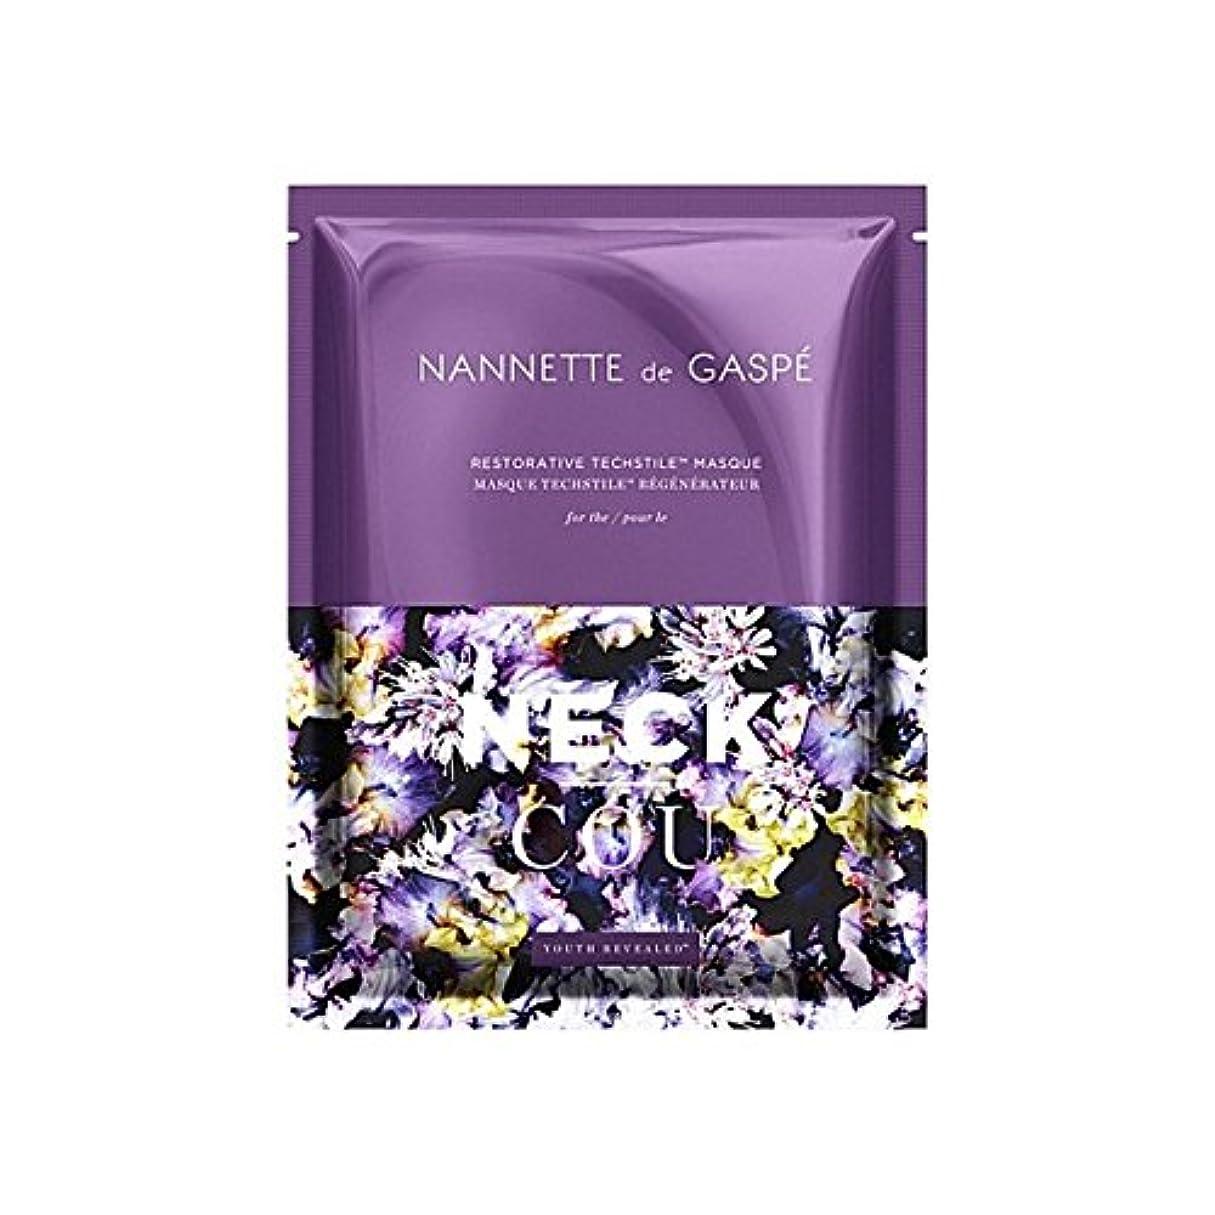 守るステッチアイロニーデガスペ修復首の仮面劇 x4 - Nannette De Gaspe Restorative Techstile Neck Masque (Pack of 4) [並行輸入品]